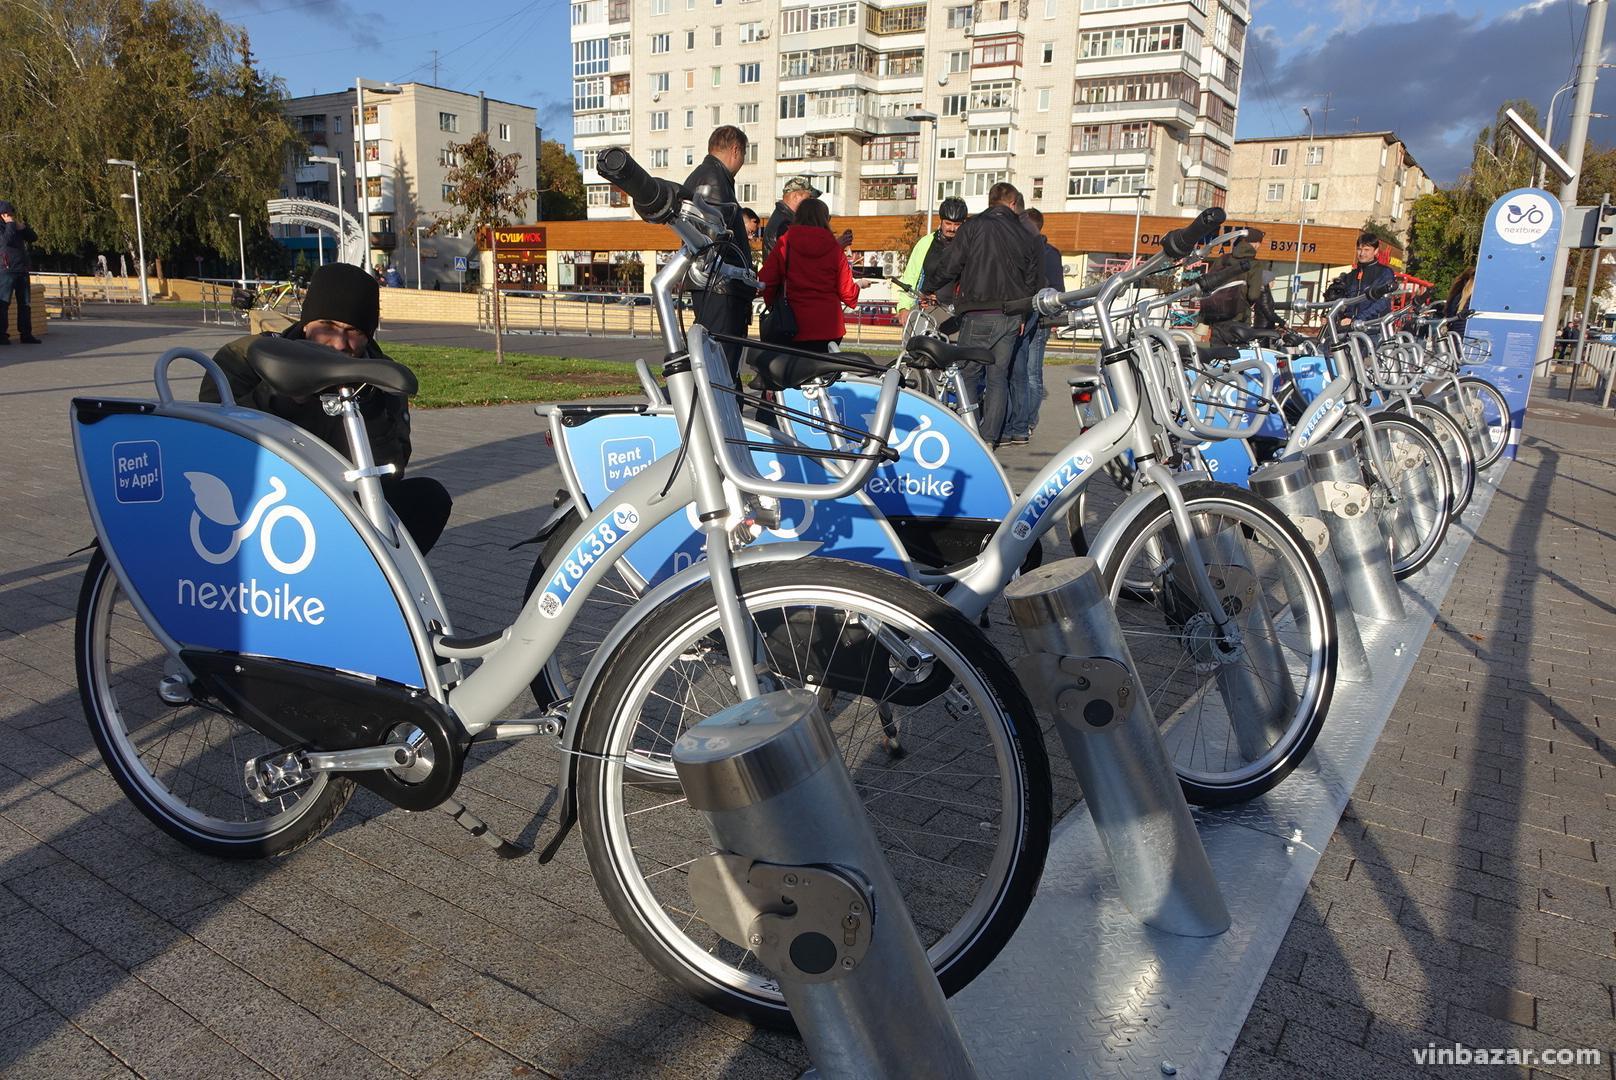 У Вінниці офіційно запустили муніципальний прокат велосипедів (Фото)